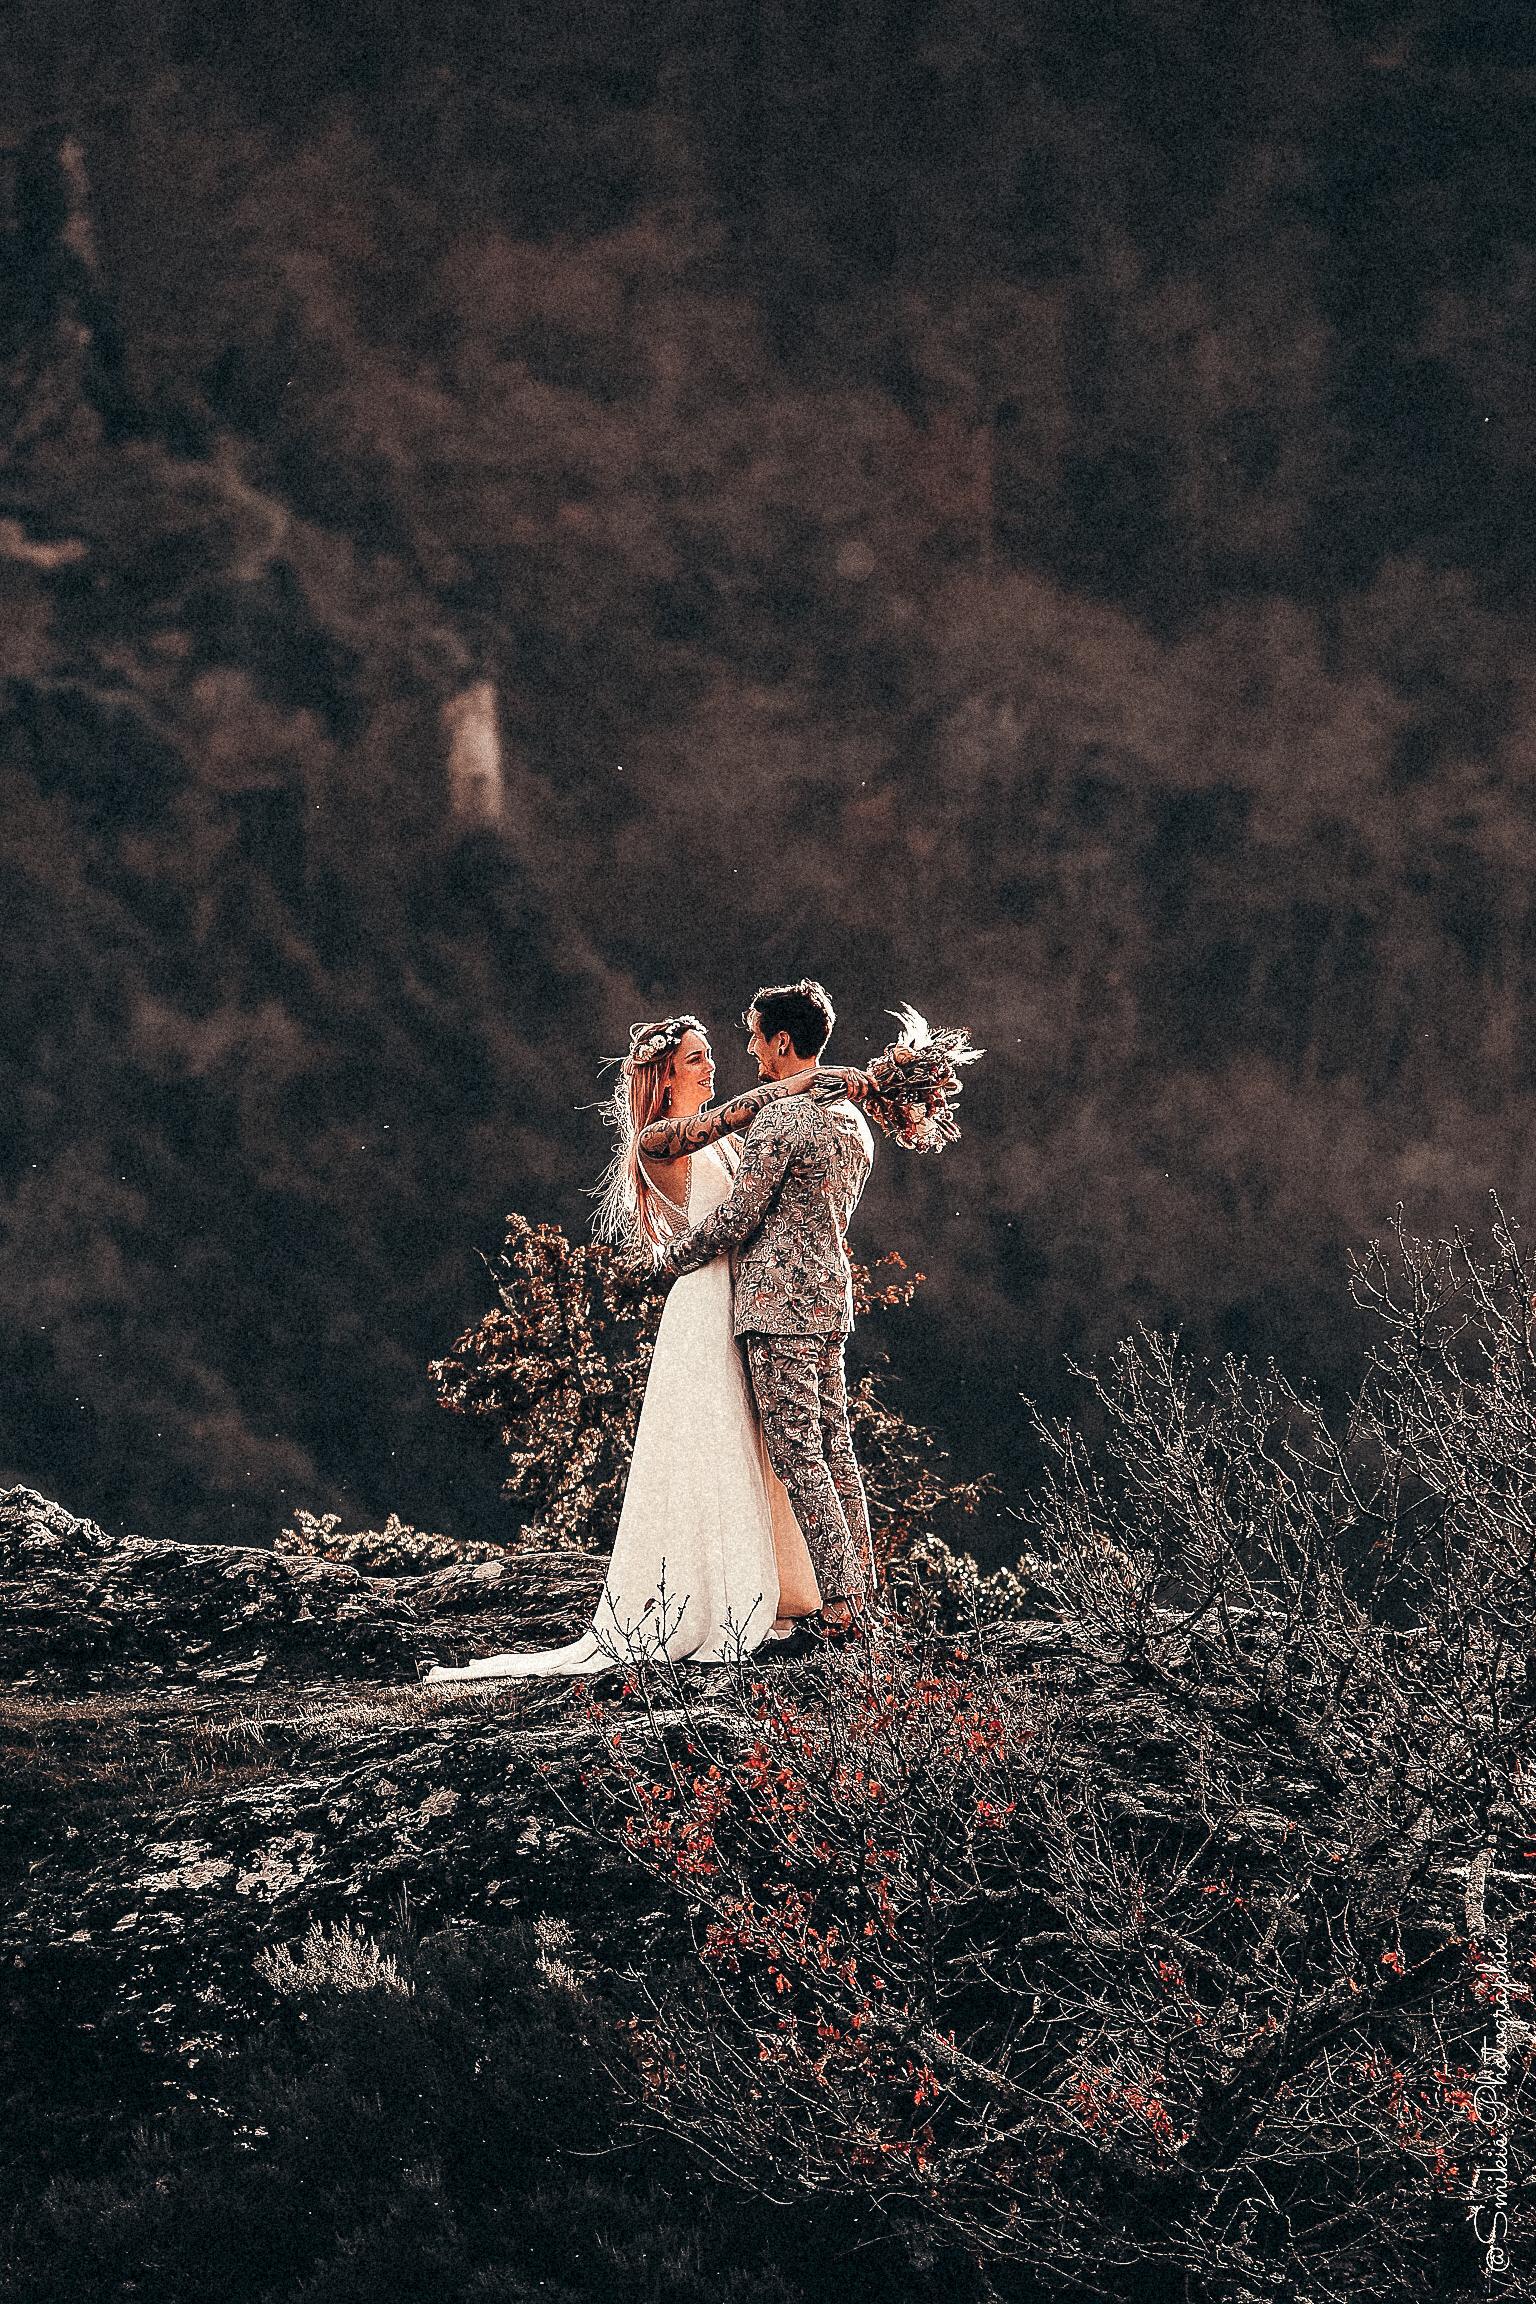 ESTRELLA PAPATYA décoratrice de mariage